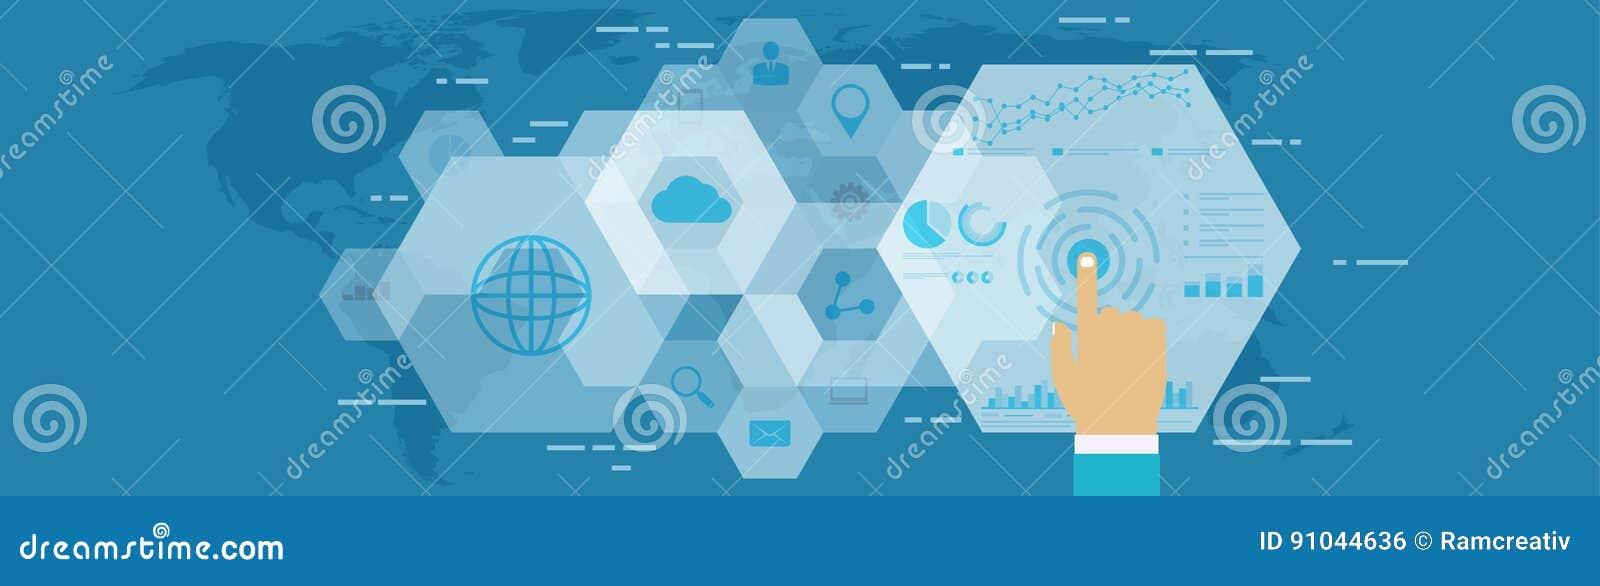 Digital-Netzanalytik Geschäftstechnologie im digitalen Raum